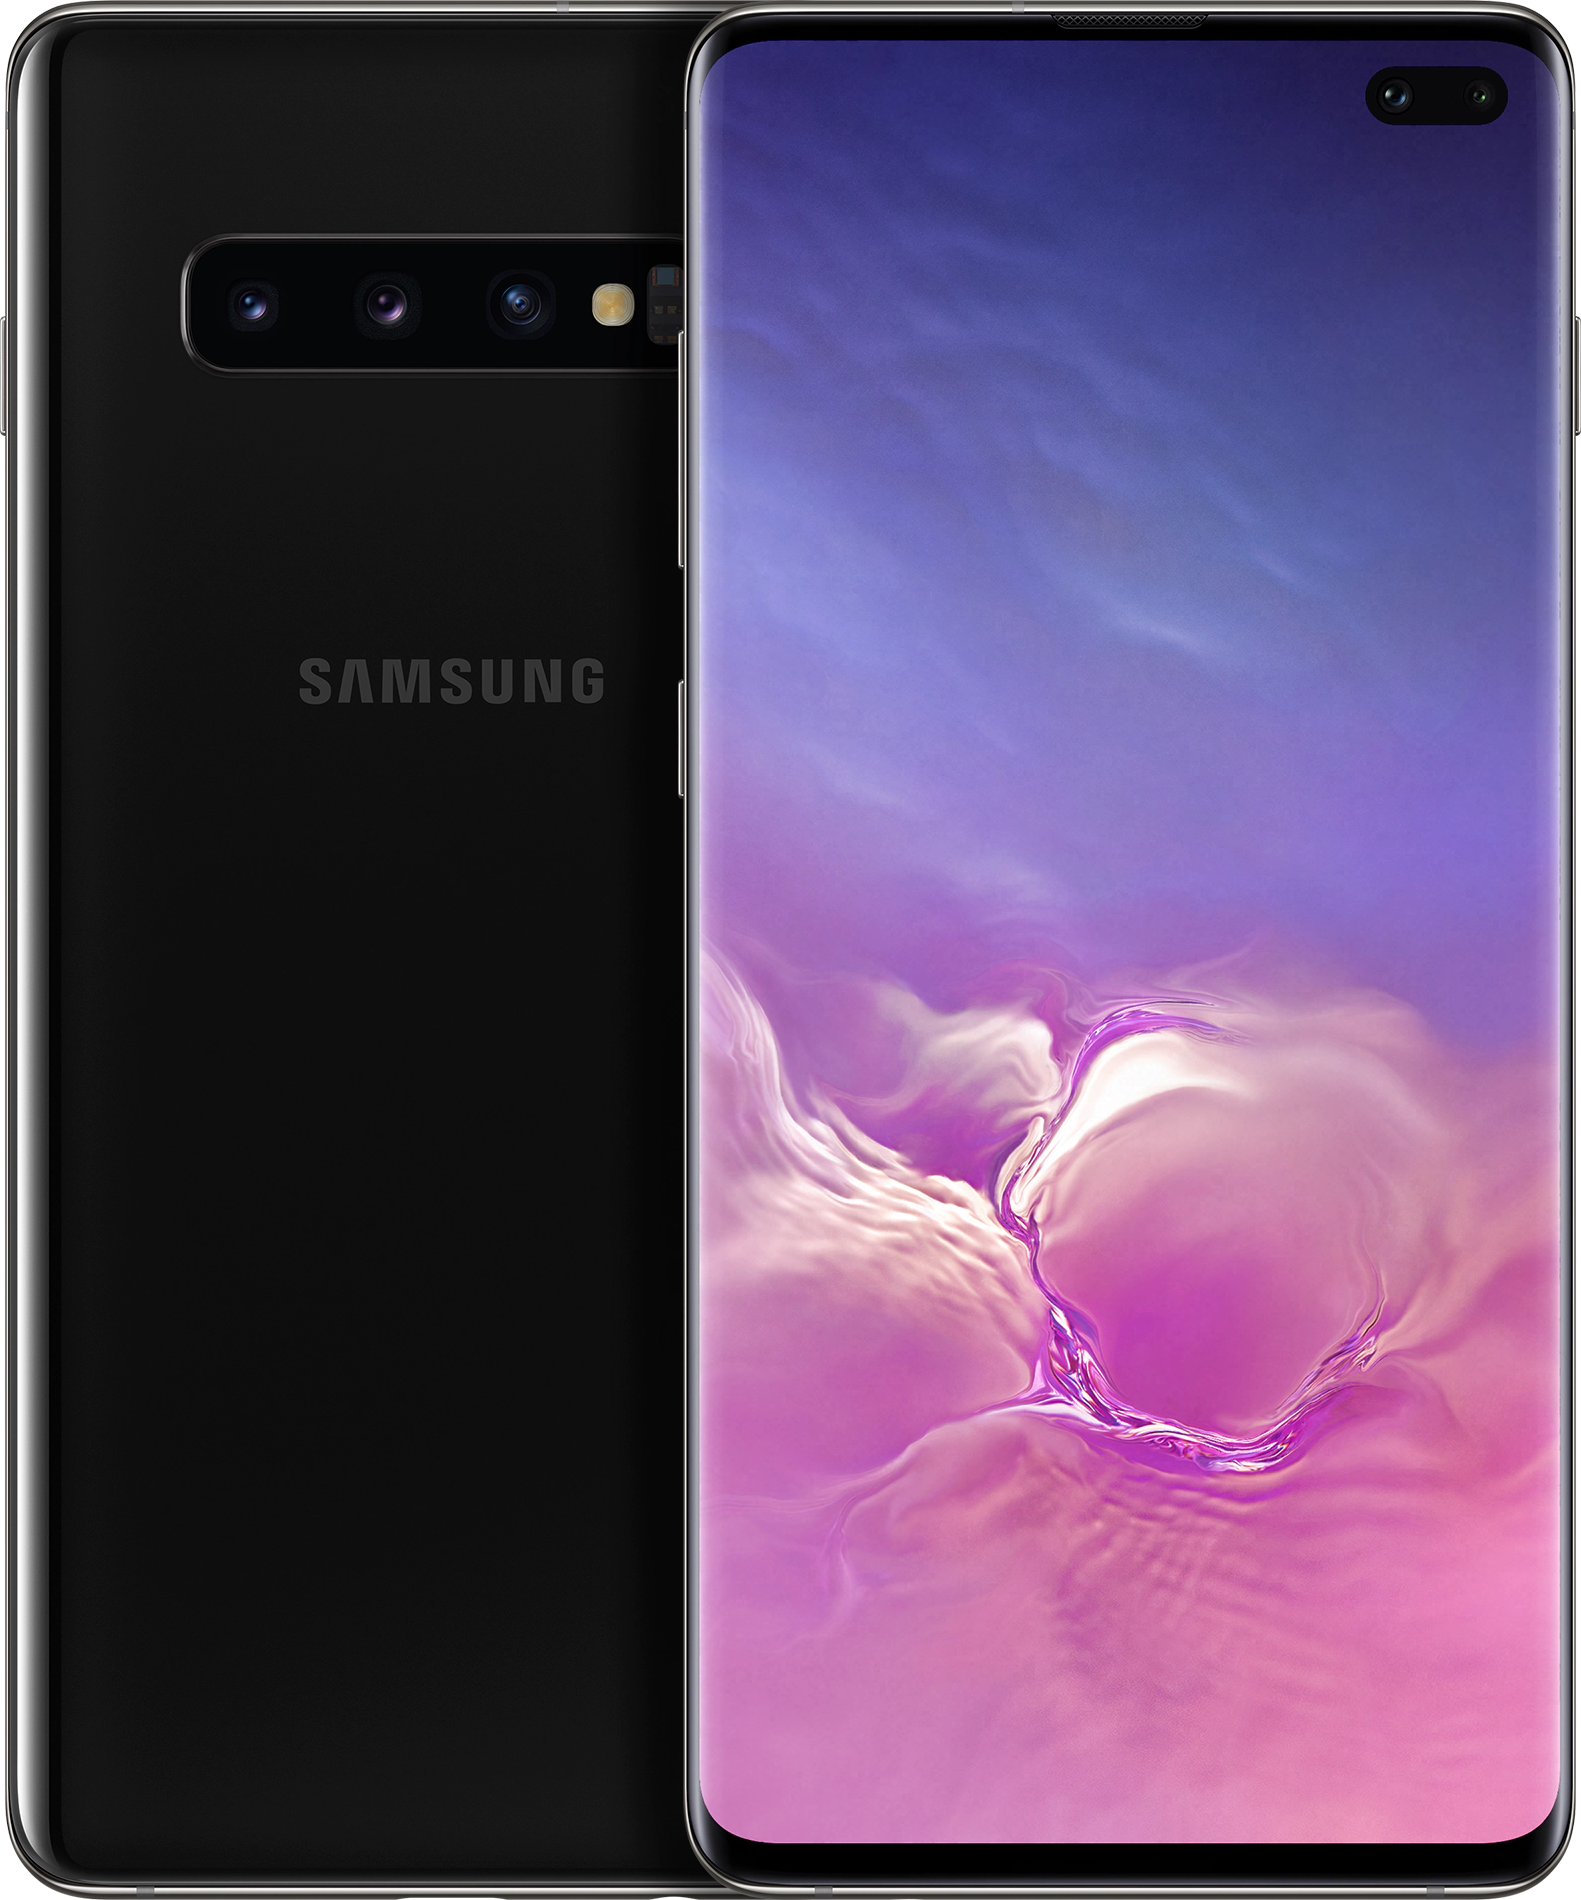 Samsung Galaxy S10+ (beyond2lte)